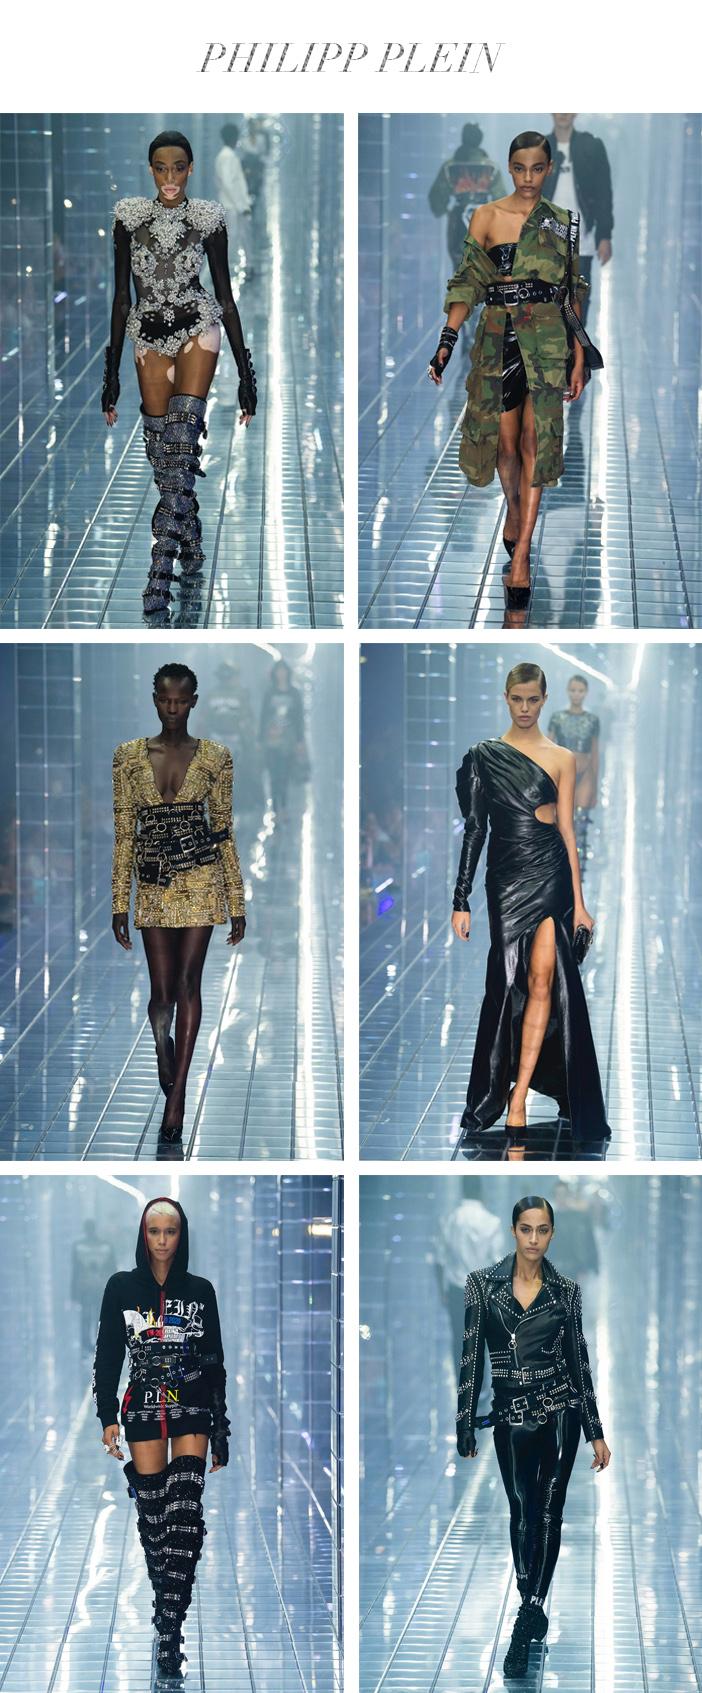 Semana de Moda de Milão - Verão 2019 - Philipp Plein